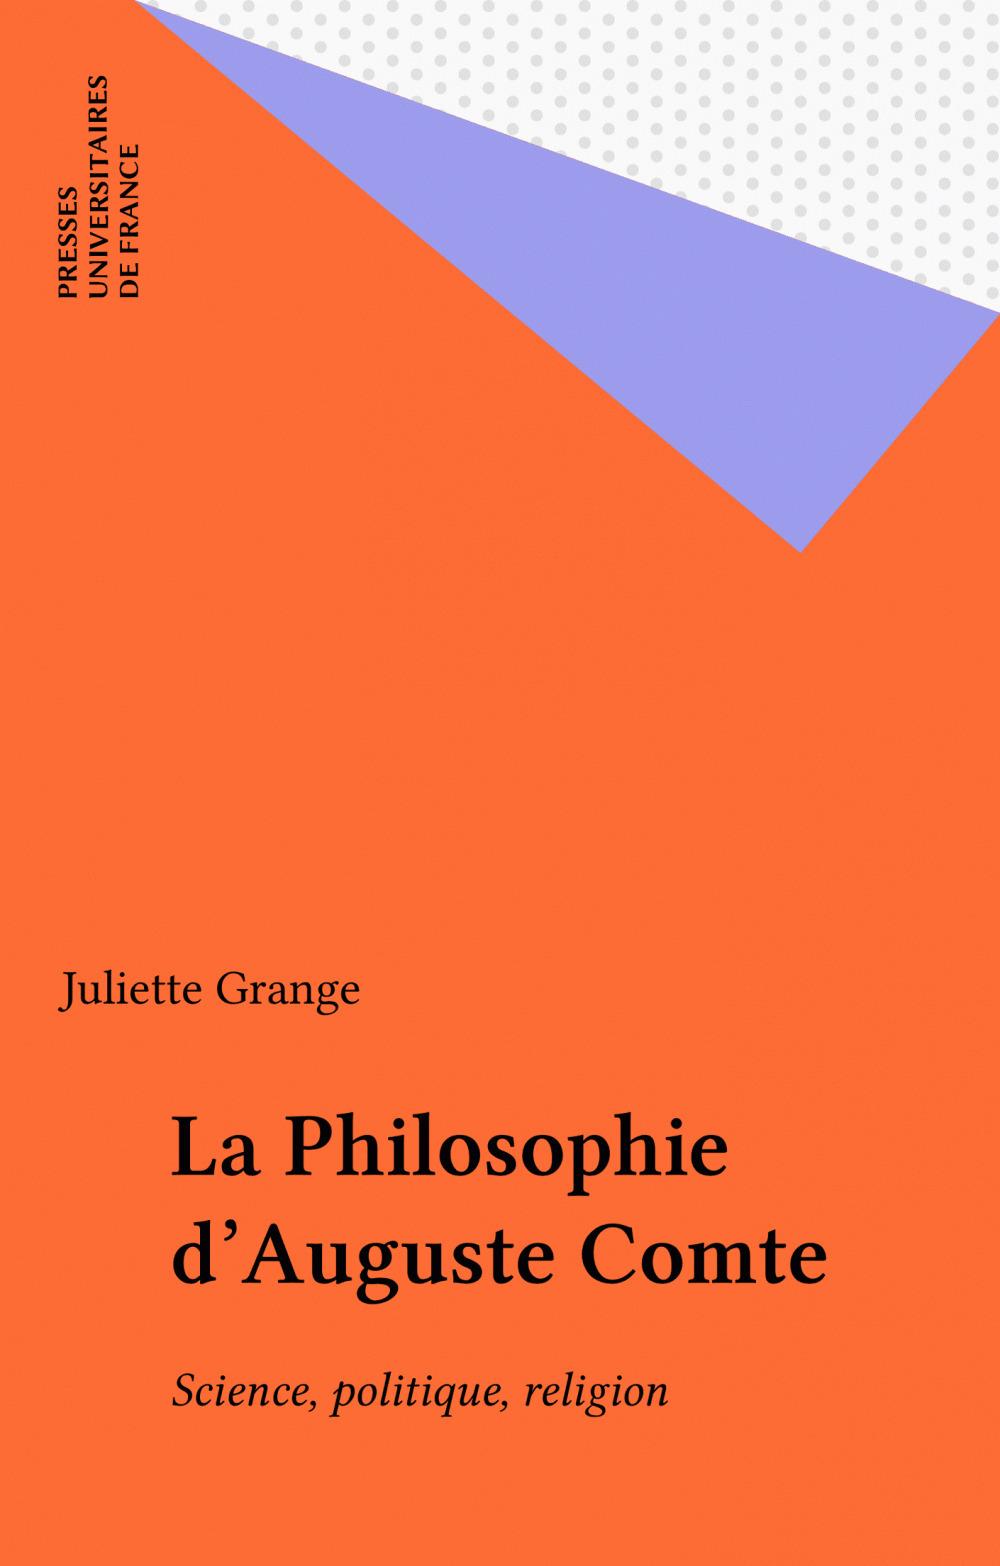 La Philosophie d'Auguste Comte